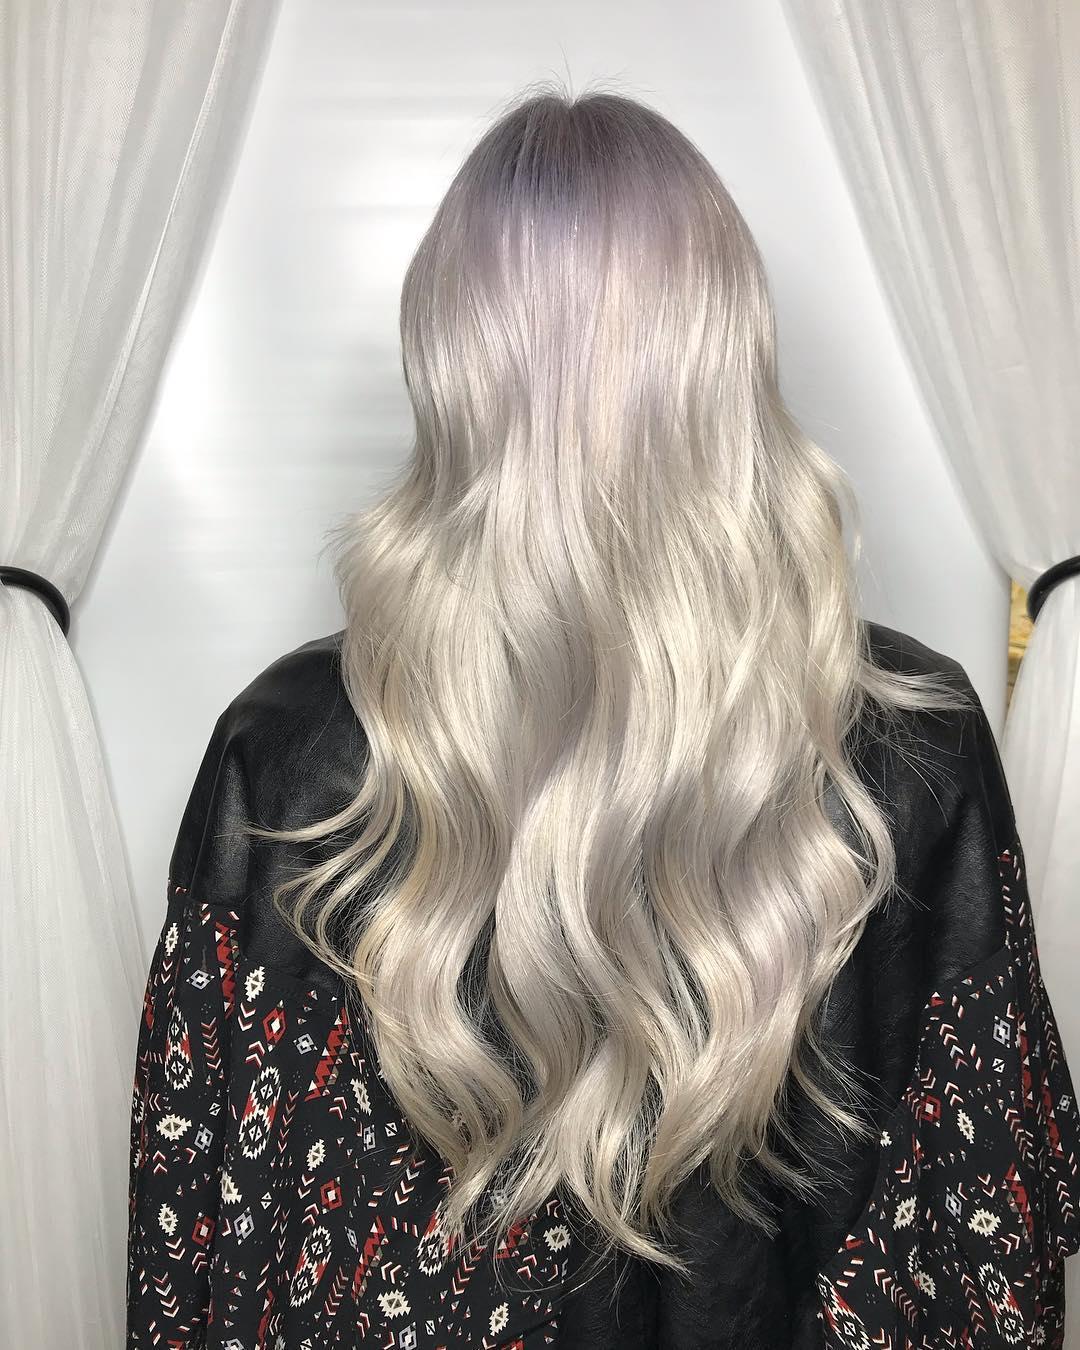 Penteados-para-cabelos-longos-Penteados-modernos-em-moda-atual